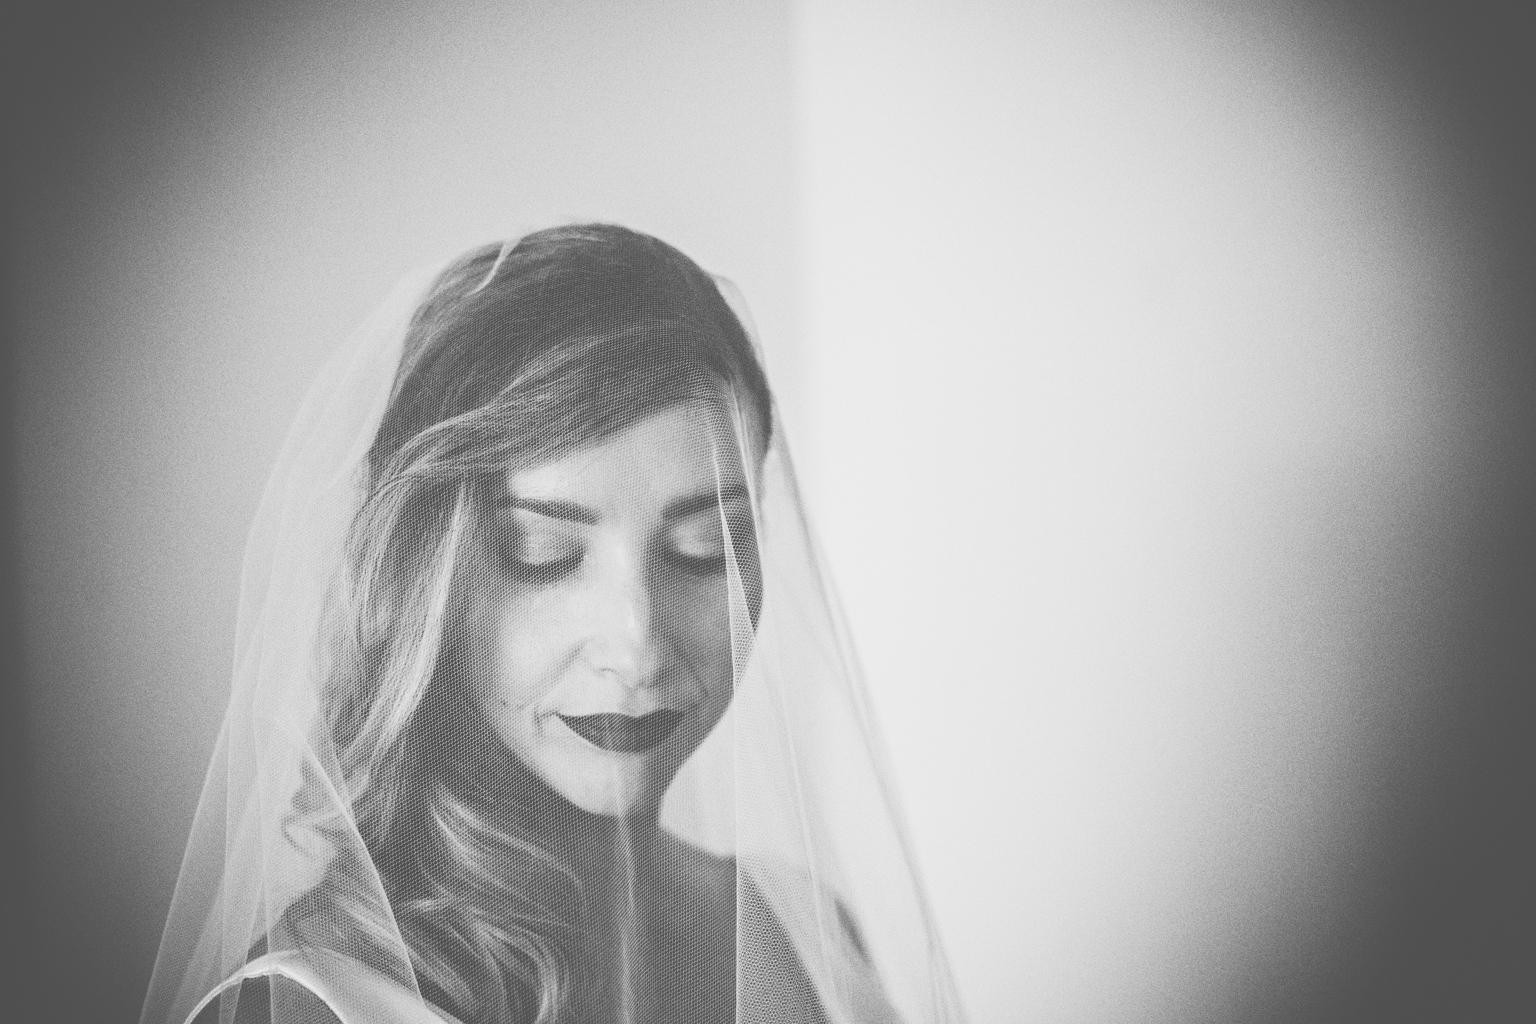 fotografo_bodas_mas_llombart-20